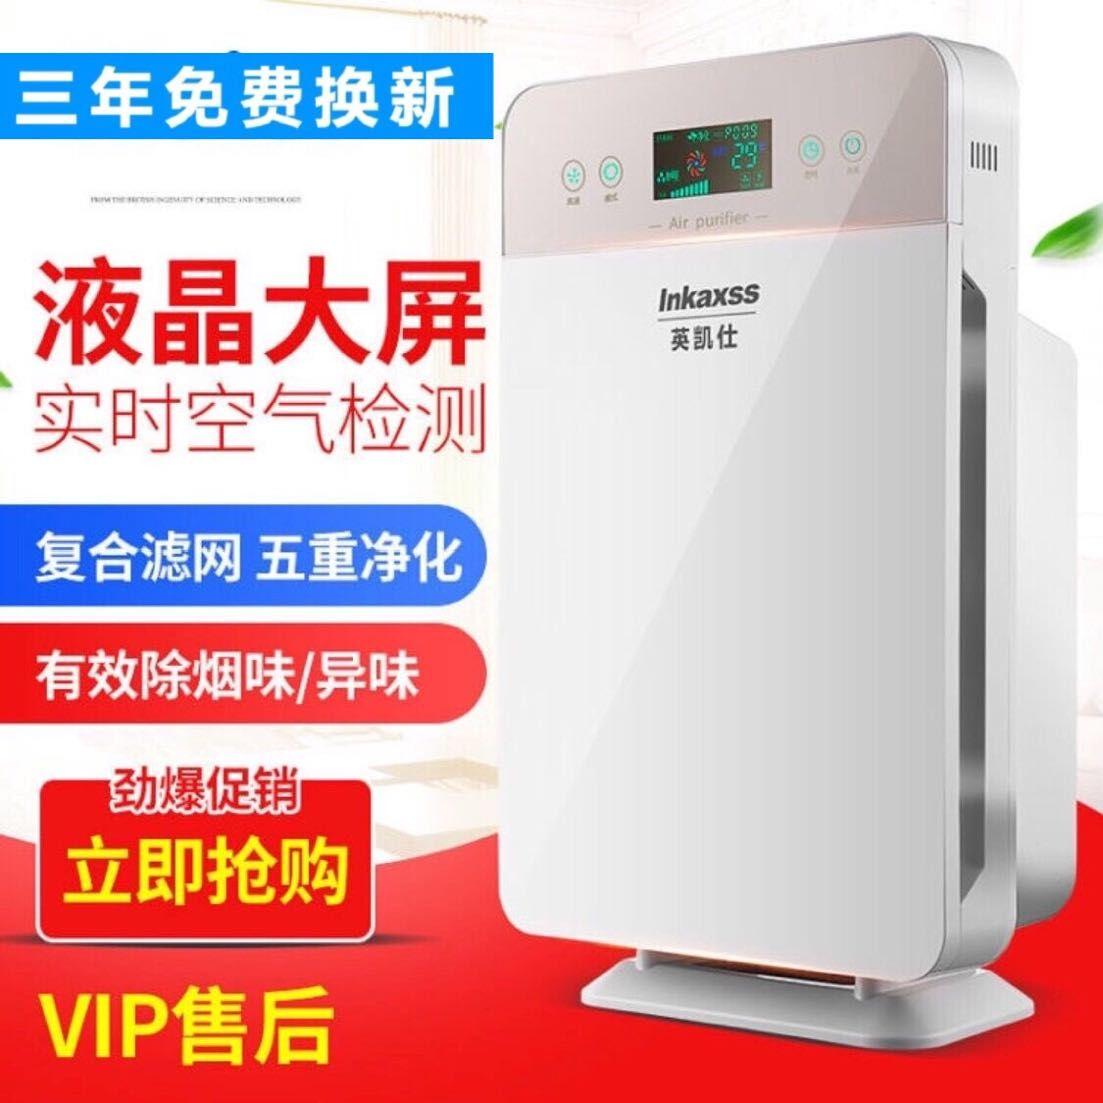 [小乐精品商贸城空气净化器]美的品质除湿器除湿自动一体机家用空气月销量0件仅售218元